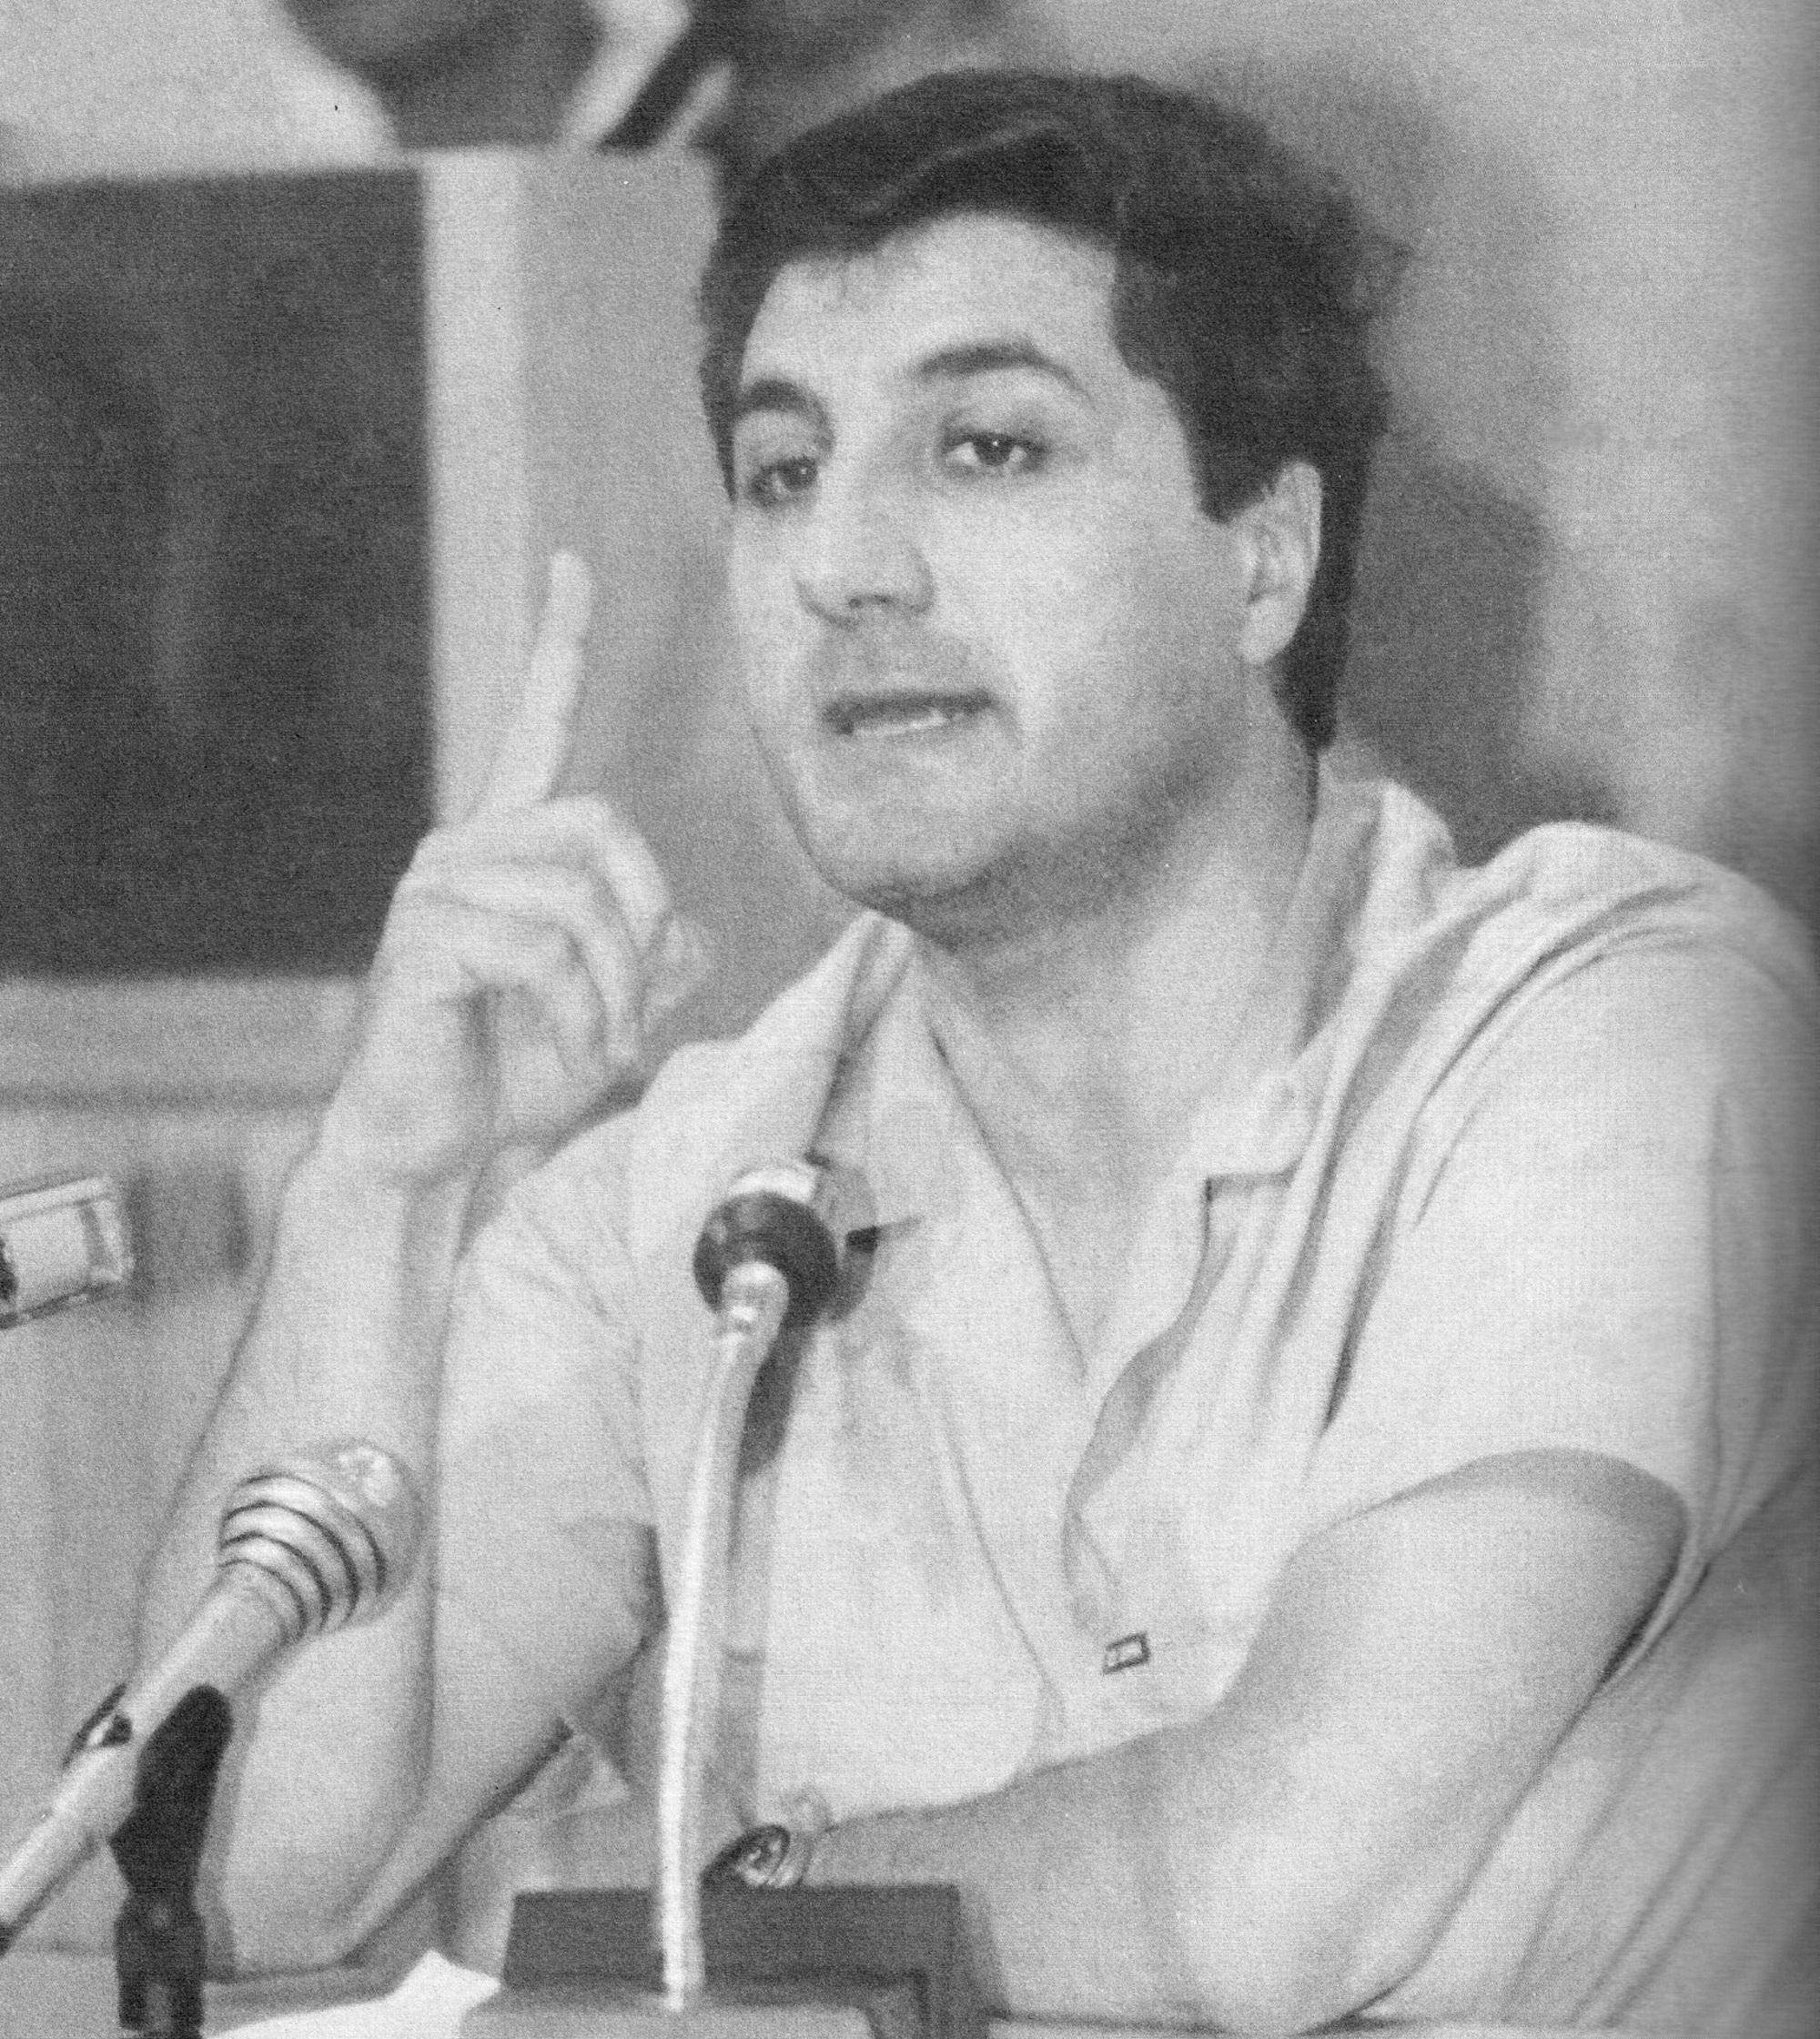 El Presidente de Líbano, Bachir Gemayel, es asesinado